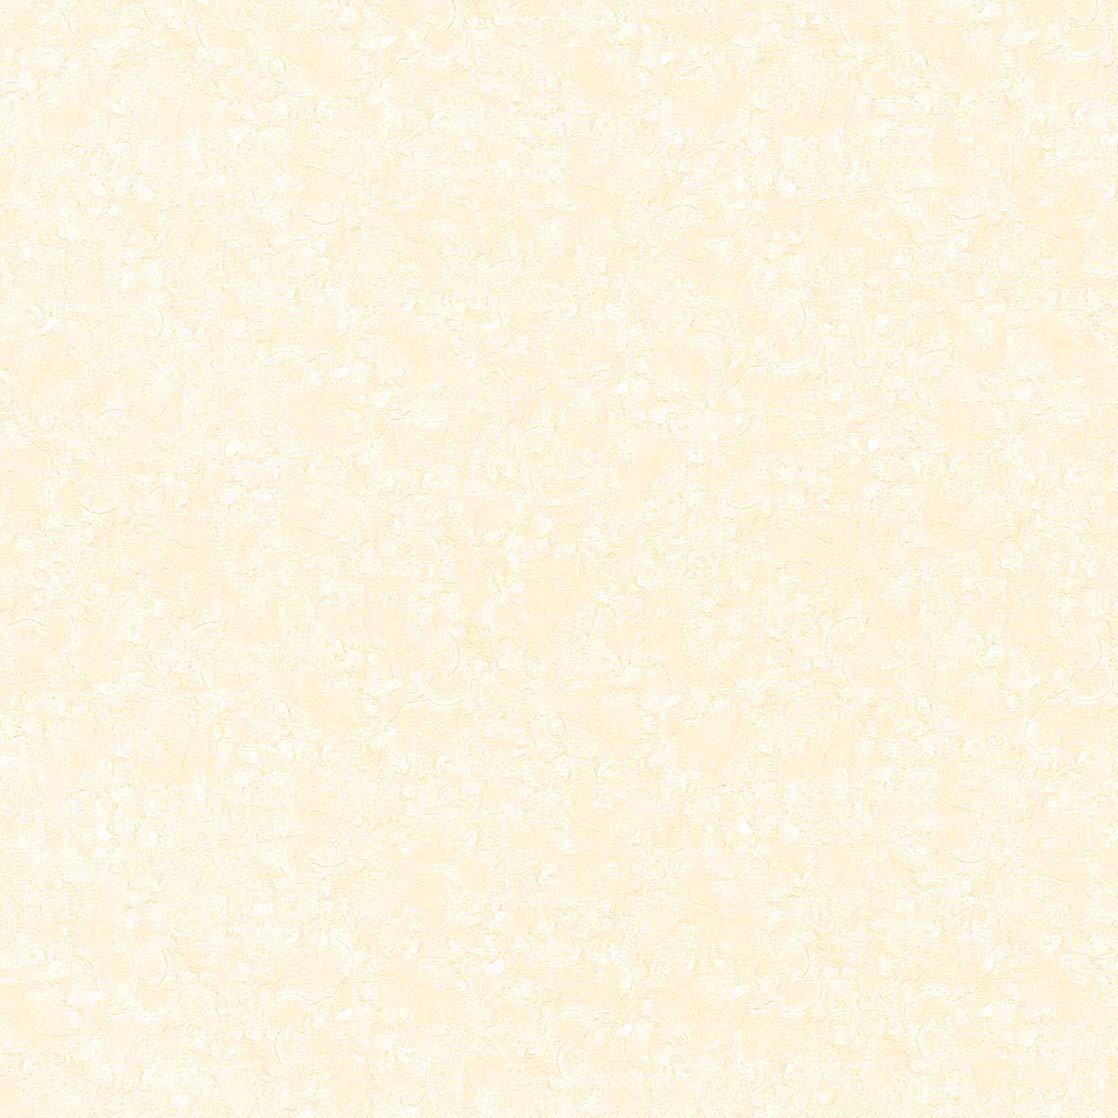 Gạch lát sàn 500x500 Viglacera H515 giá rẻ